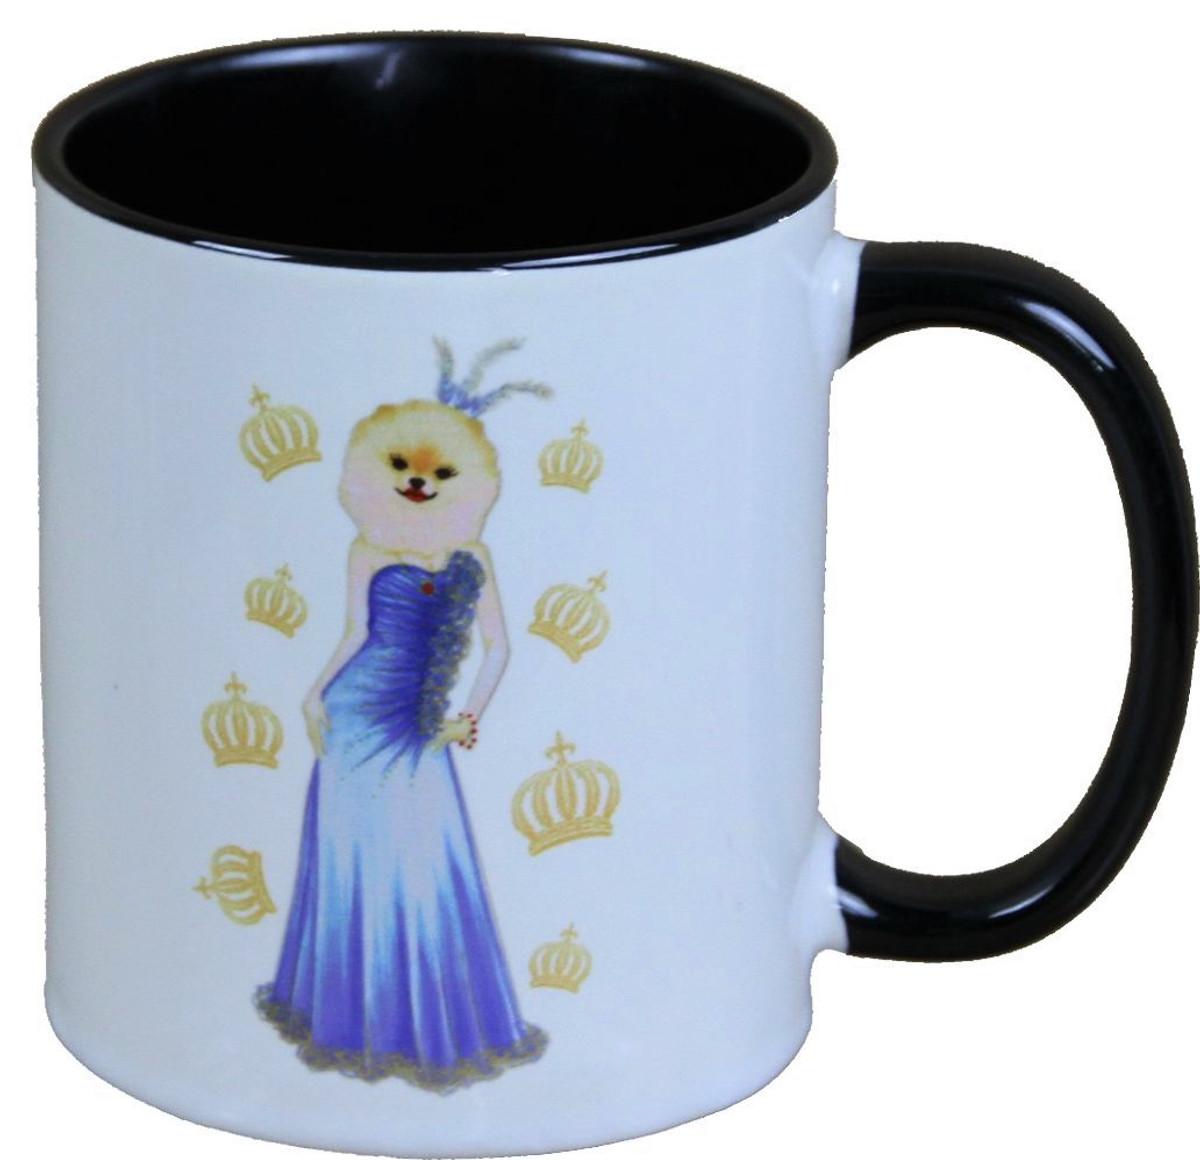 harald gl ckler pomp s cup dog with blue evening dress designed by harald gl ckler harald. Black Bedroom Furniture Sets. Home Design Ideas